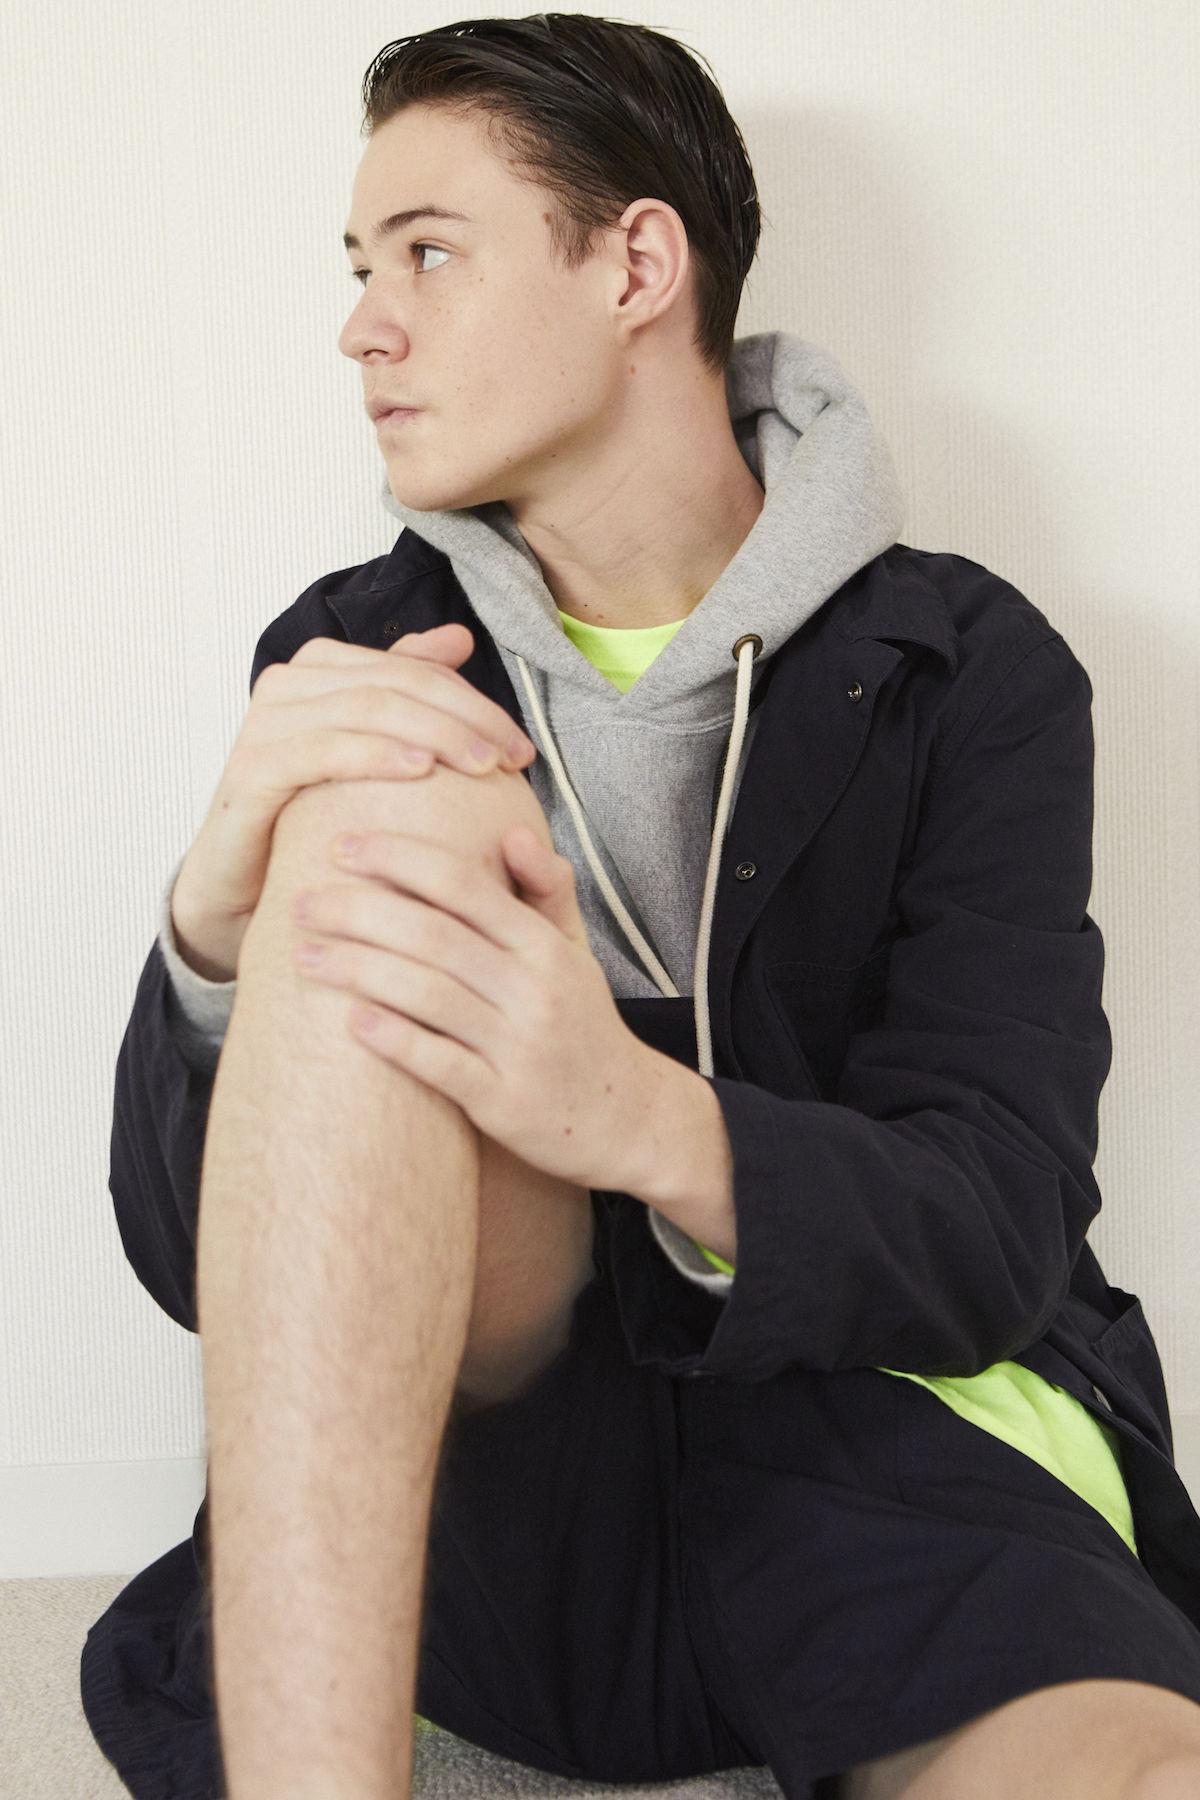 【ルック】ストリートとモード、ビジネスを横断。ブランド「BLANCK」を知ってる?ナノ・ユニバースでポップアップも! fashion180309_blanck4-1200x1800